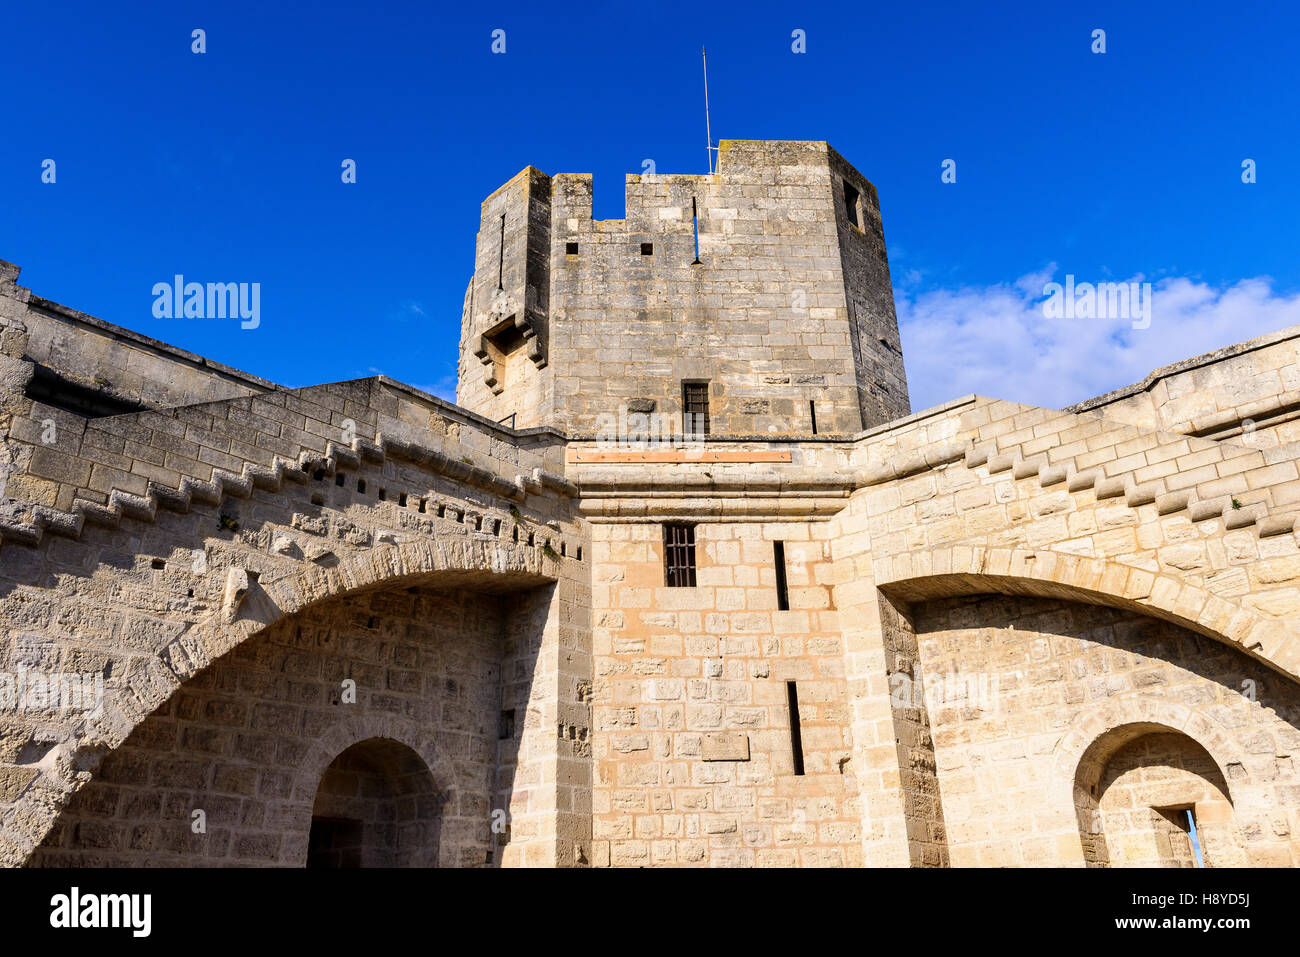 La Tour des Bourguignons Les Remparts Aigues-Mortes,Camargue - FRANCE - Stock Image